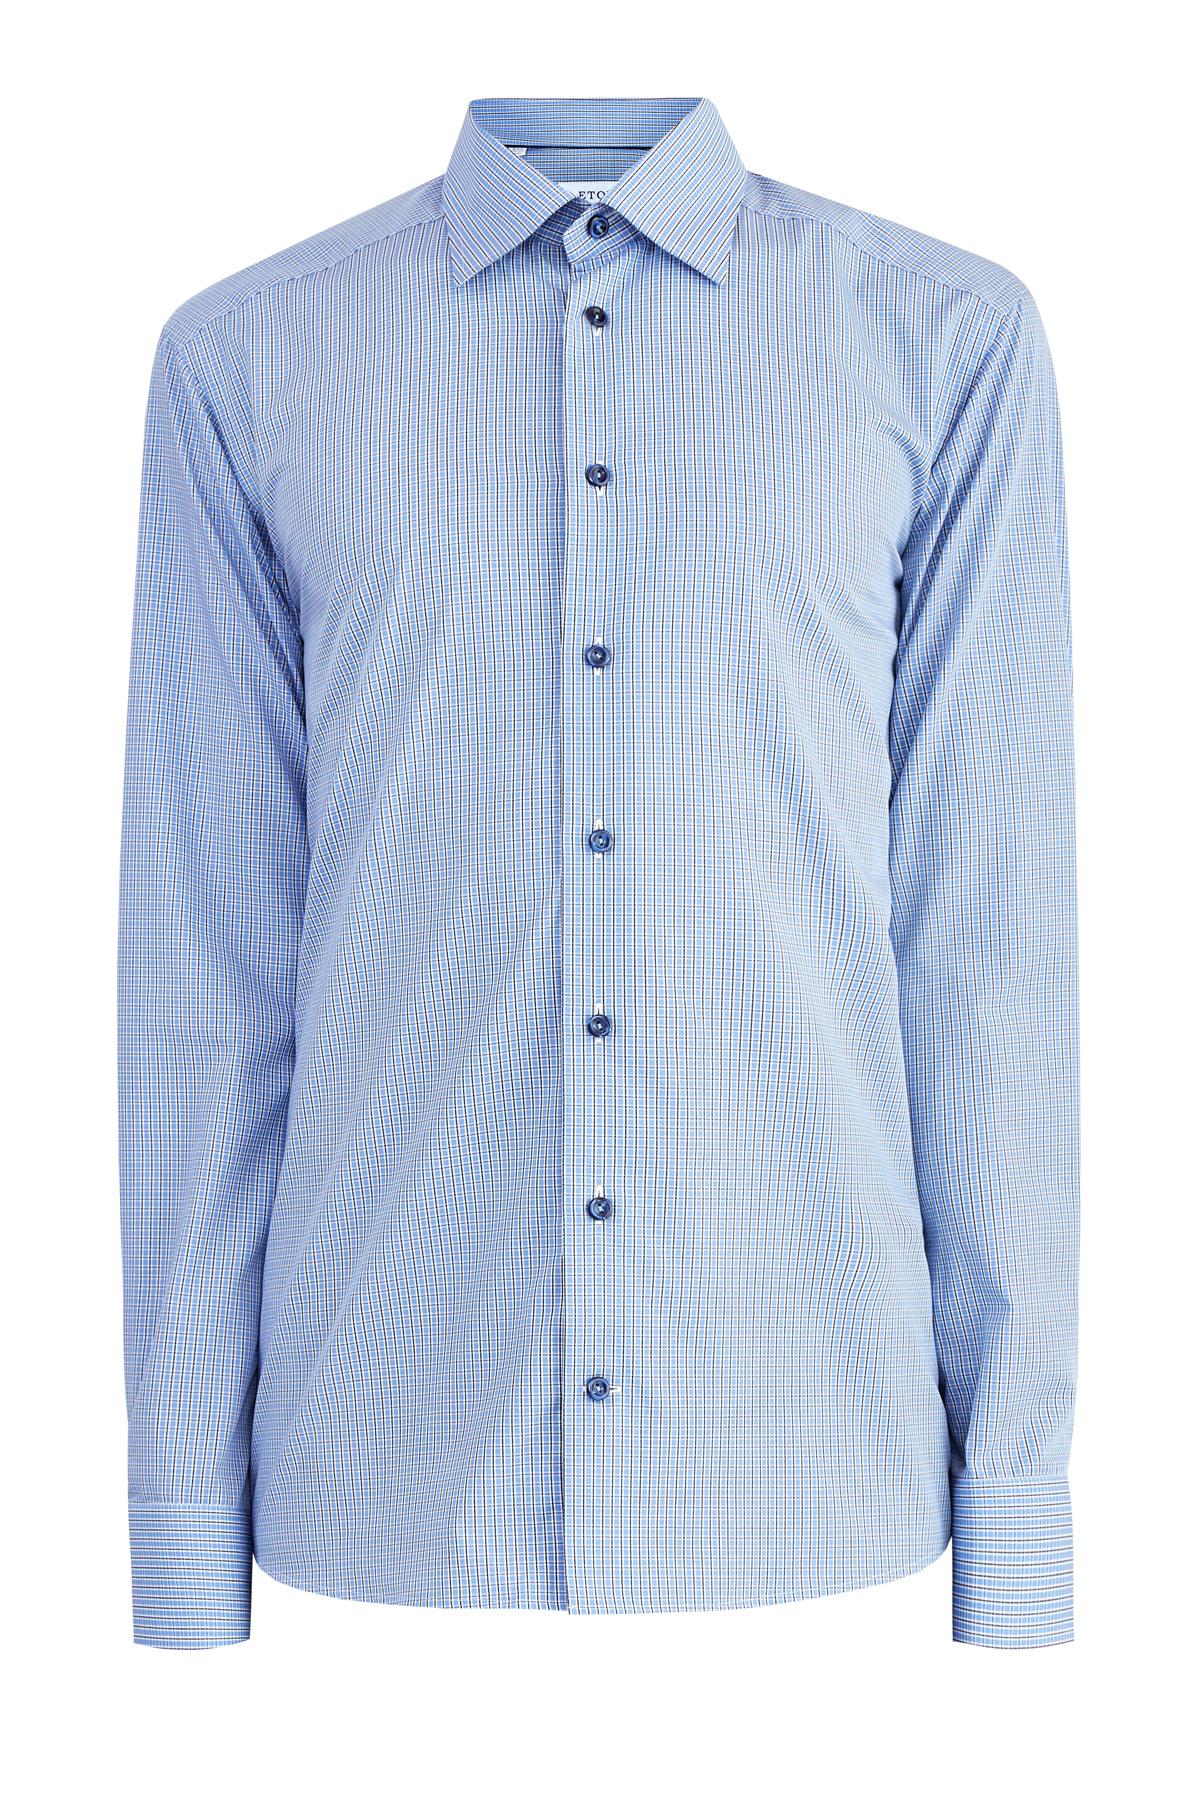 Рубашка с микро-принтом в клетку кроя по фигуре Slim Fit